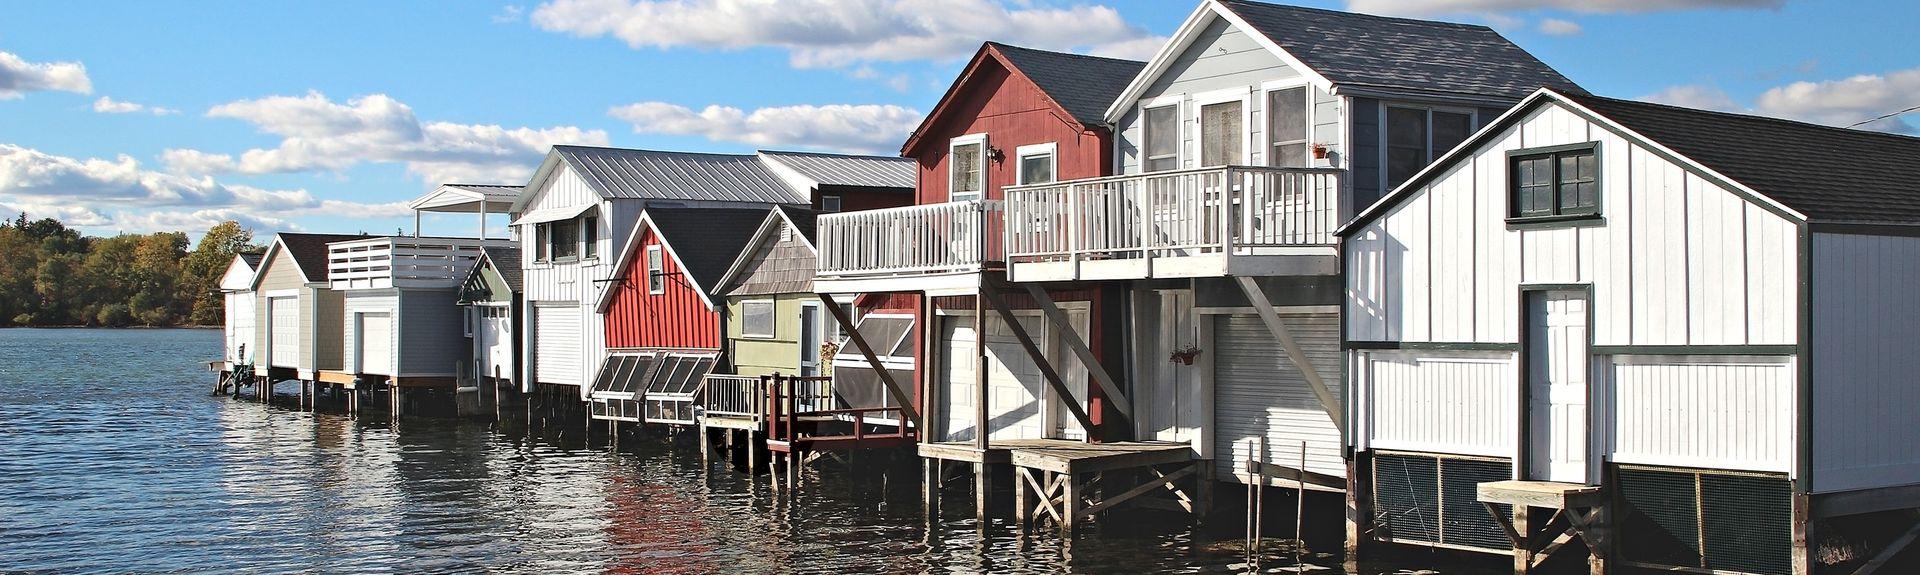 Canandaigua Lake, New York, United States